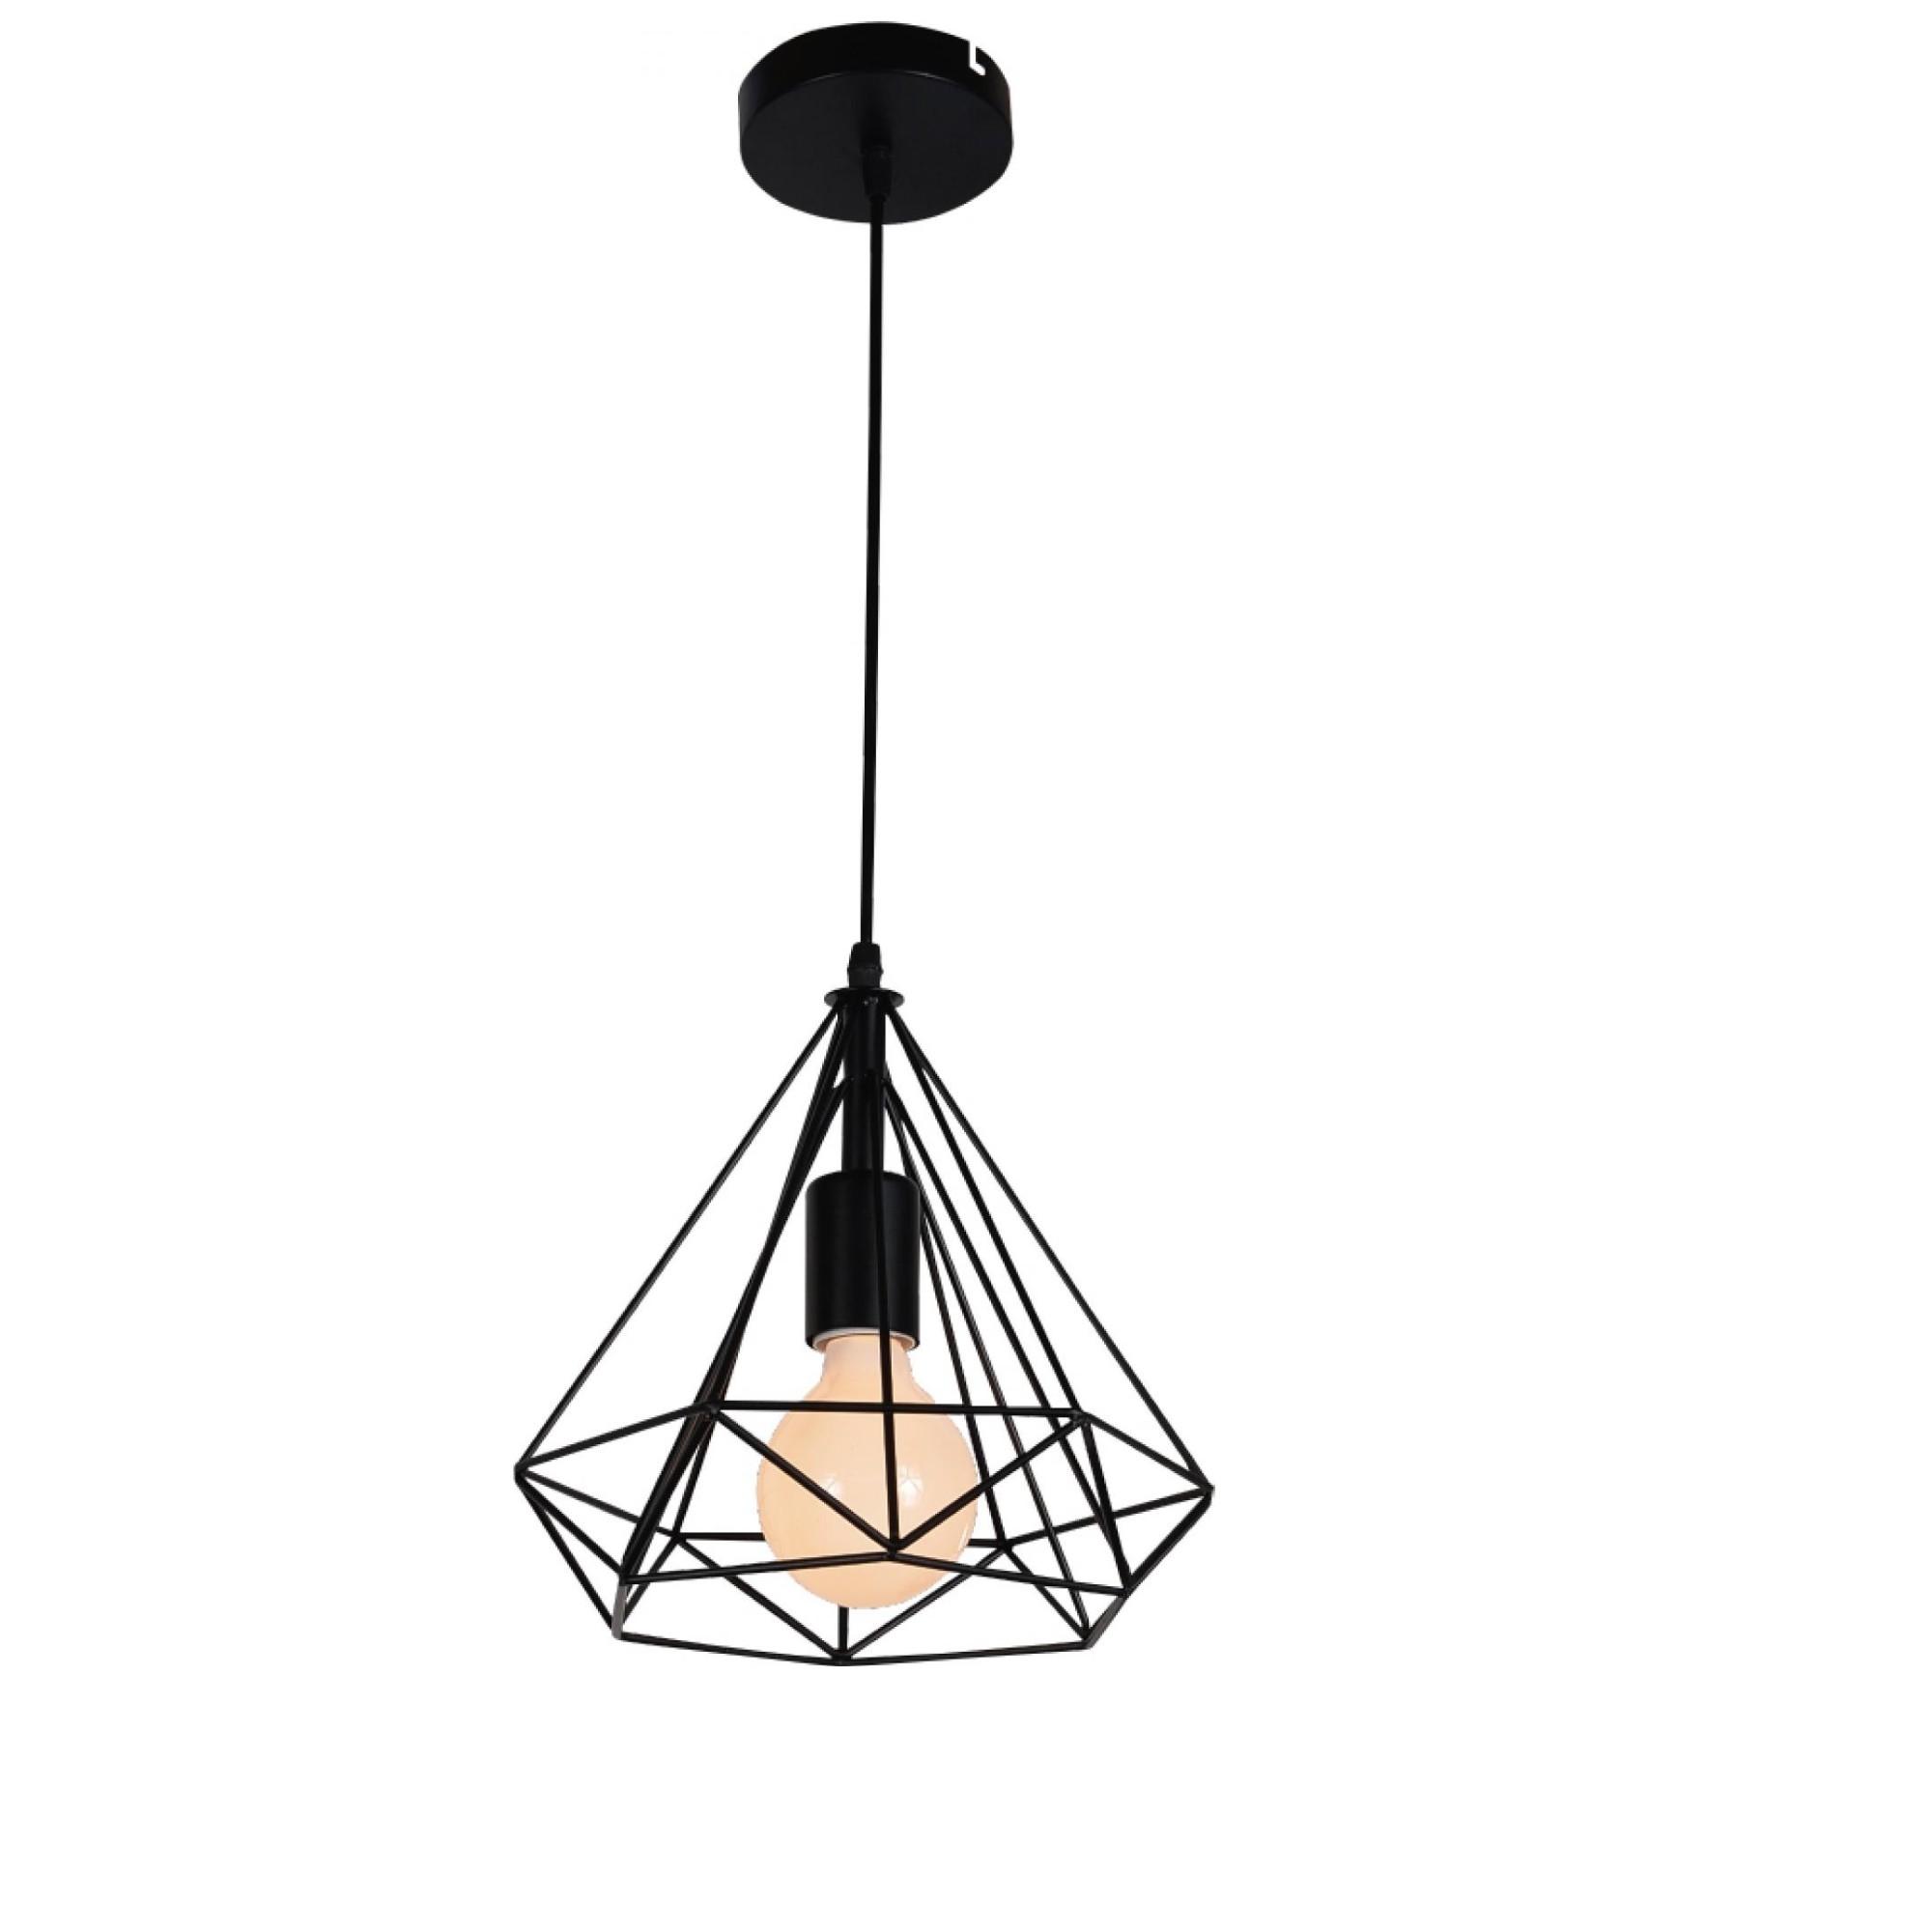 Pendente Tetra 30x25cm 1 Lampada Preto - Llum